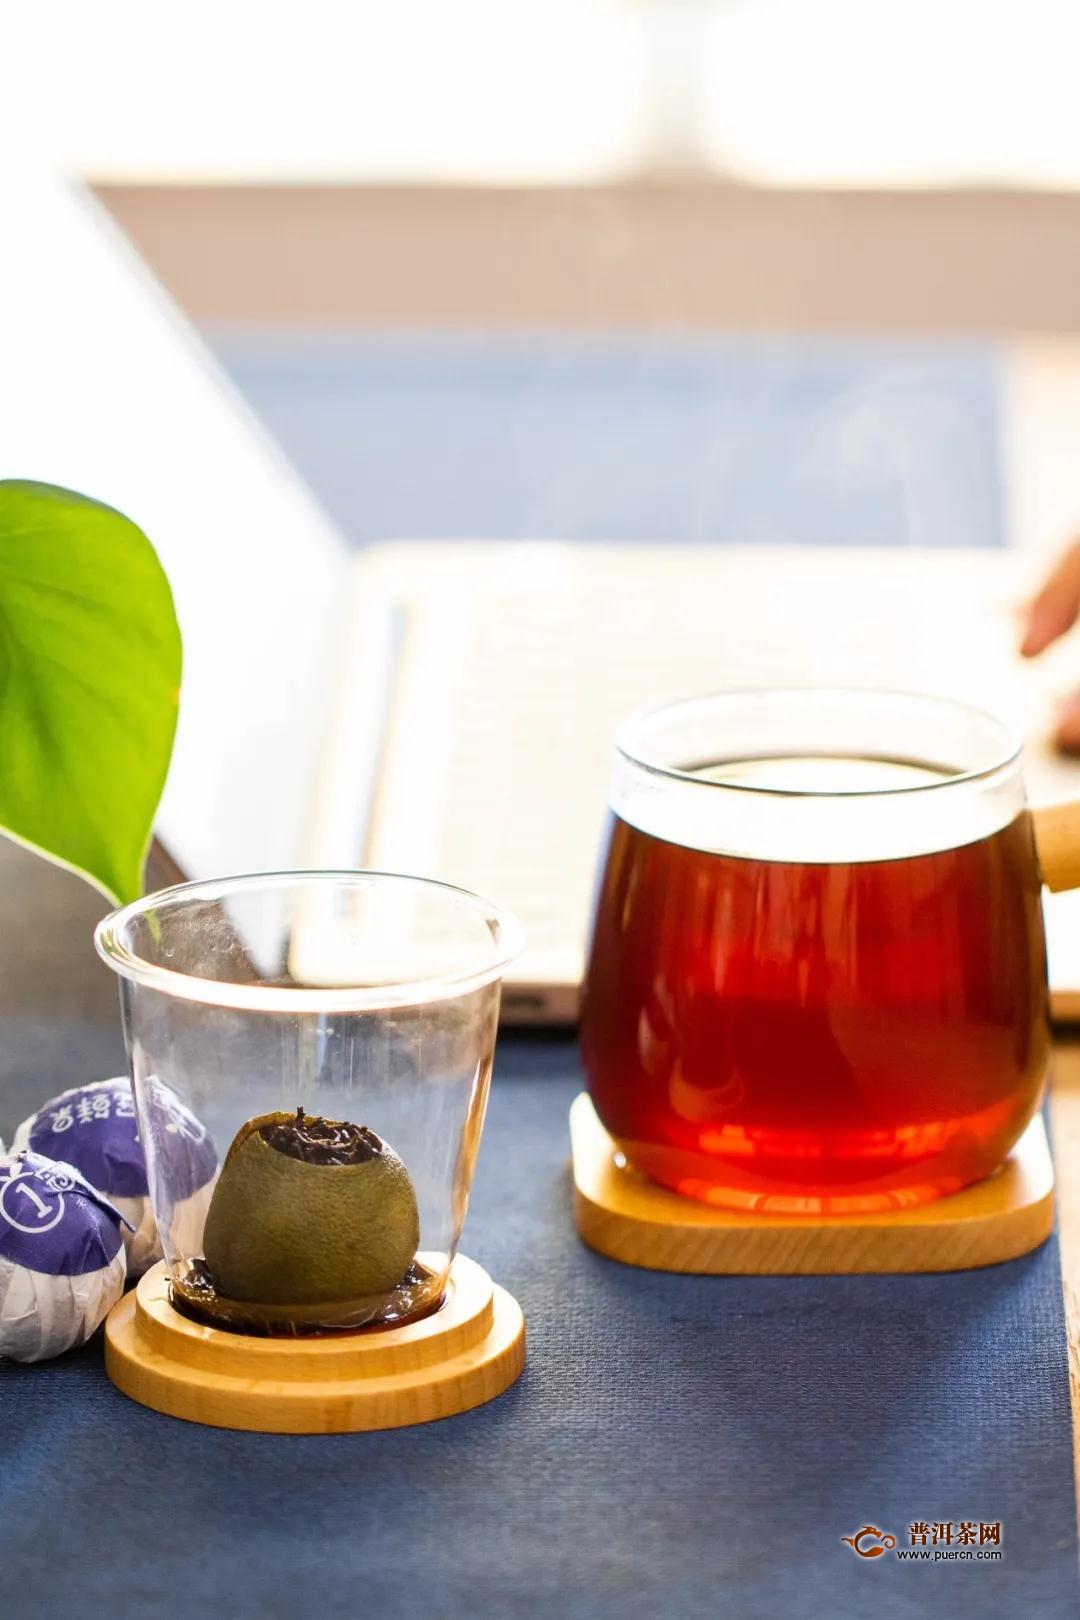 流派·老爷说:便携茶,普洱茶中的星巴克!!!